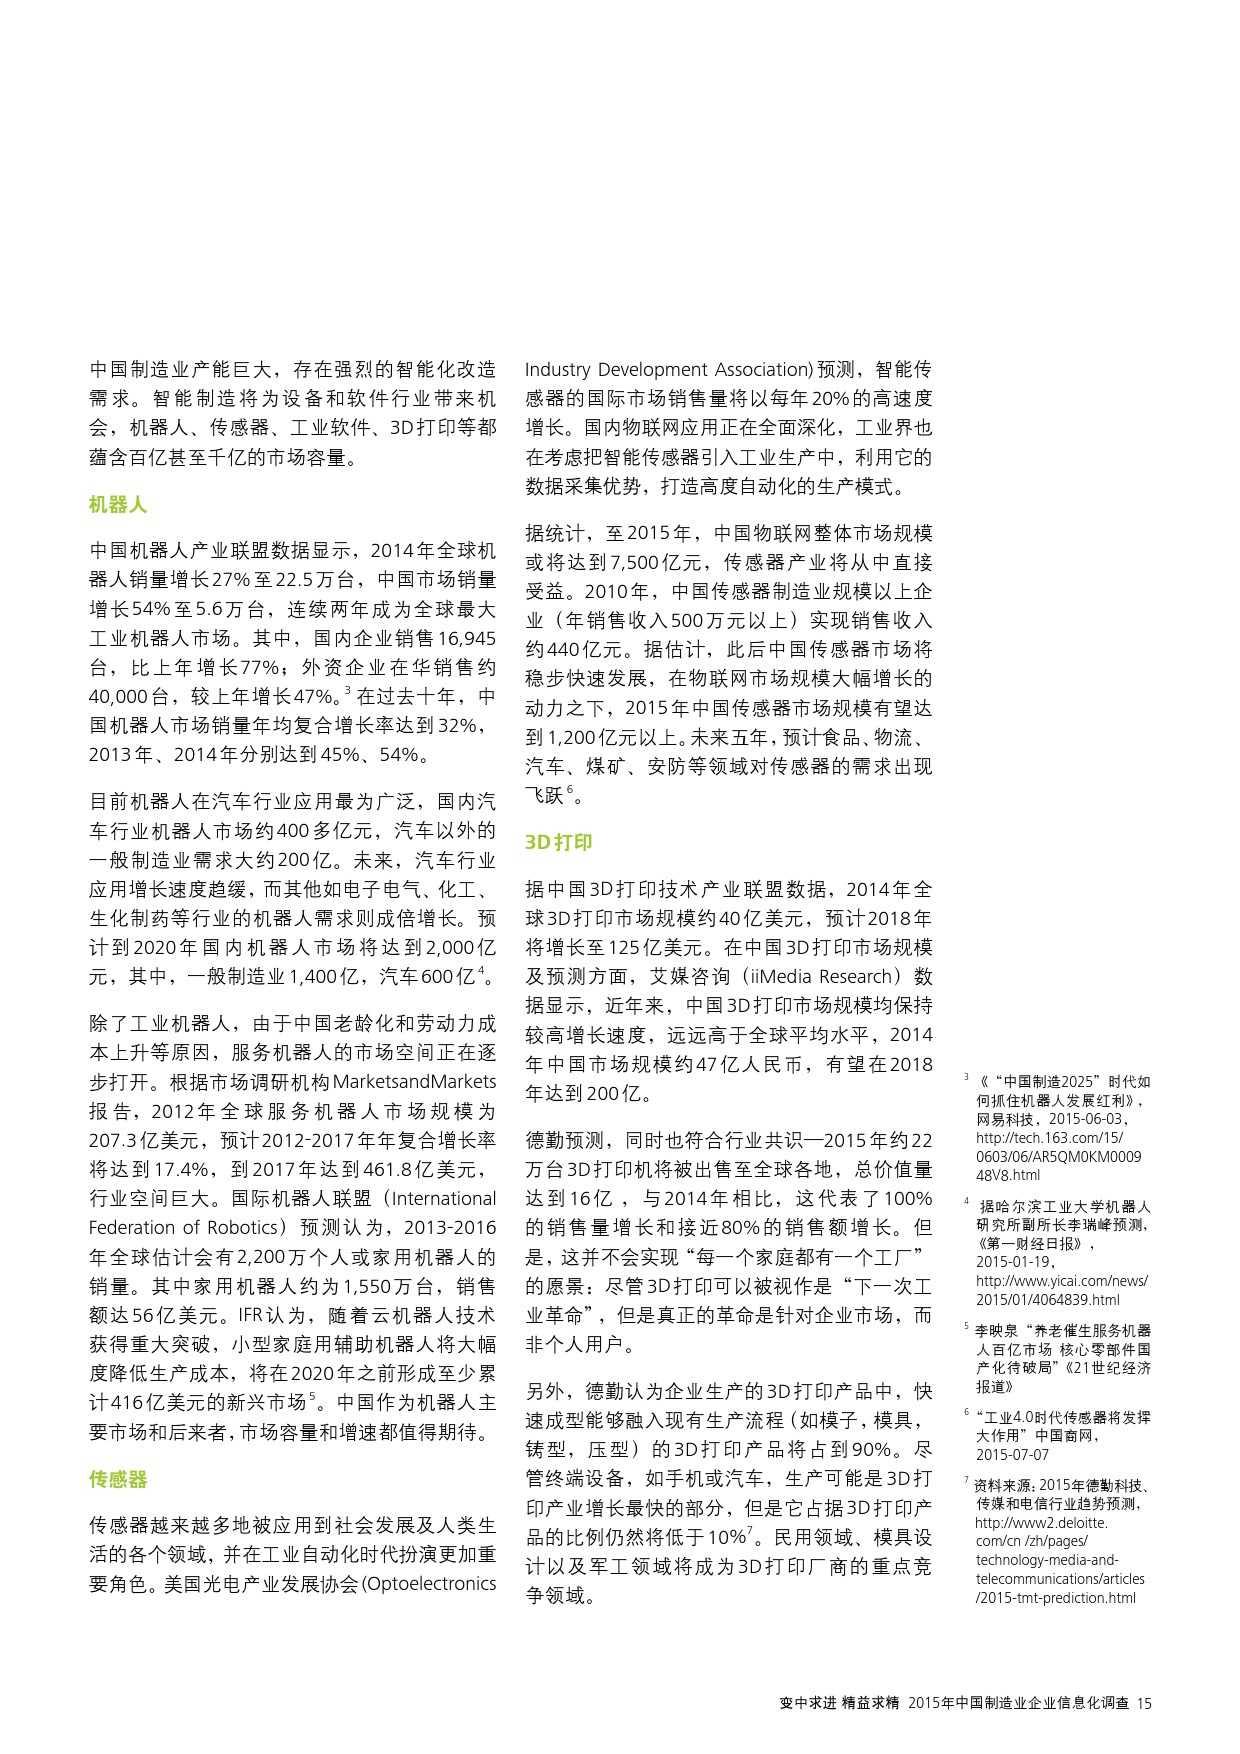 2015年中国制造业企业信息化调查_000017